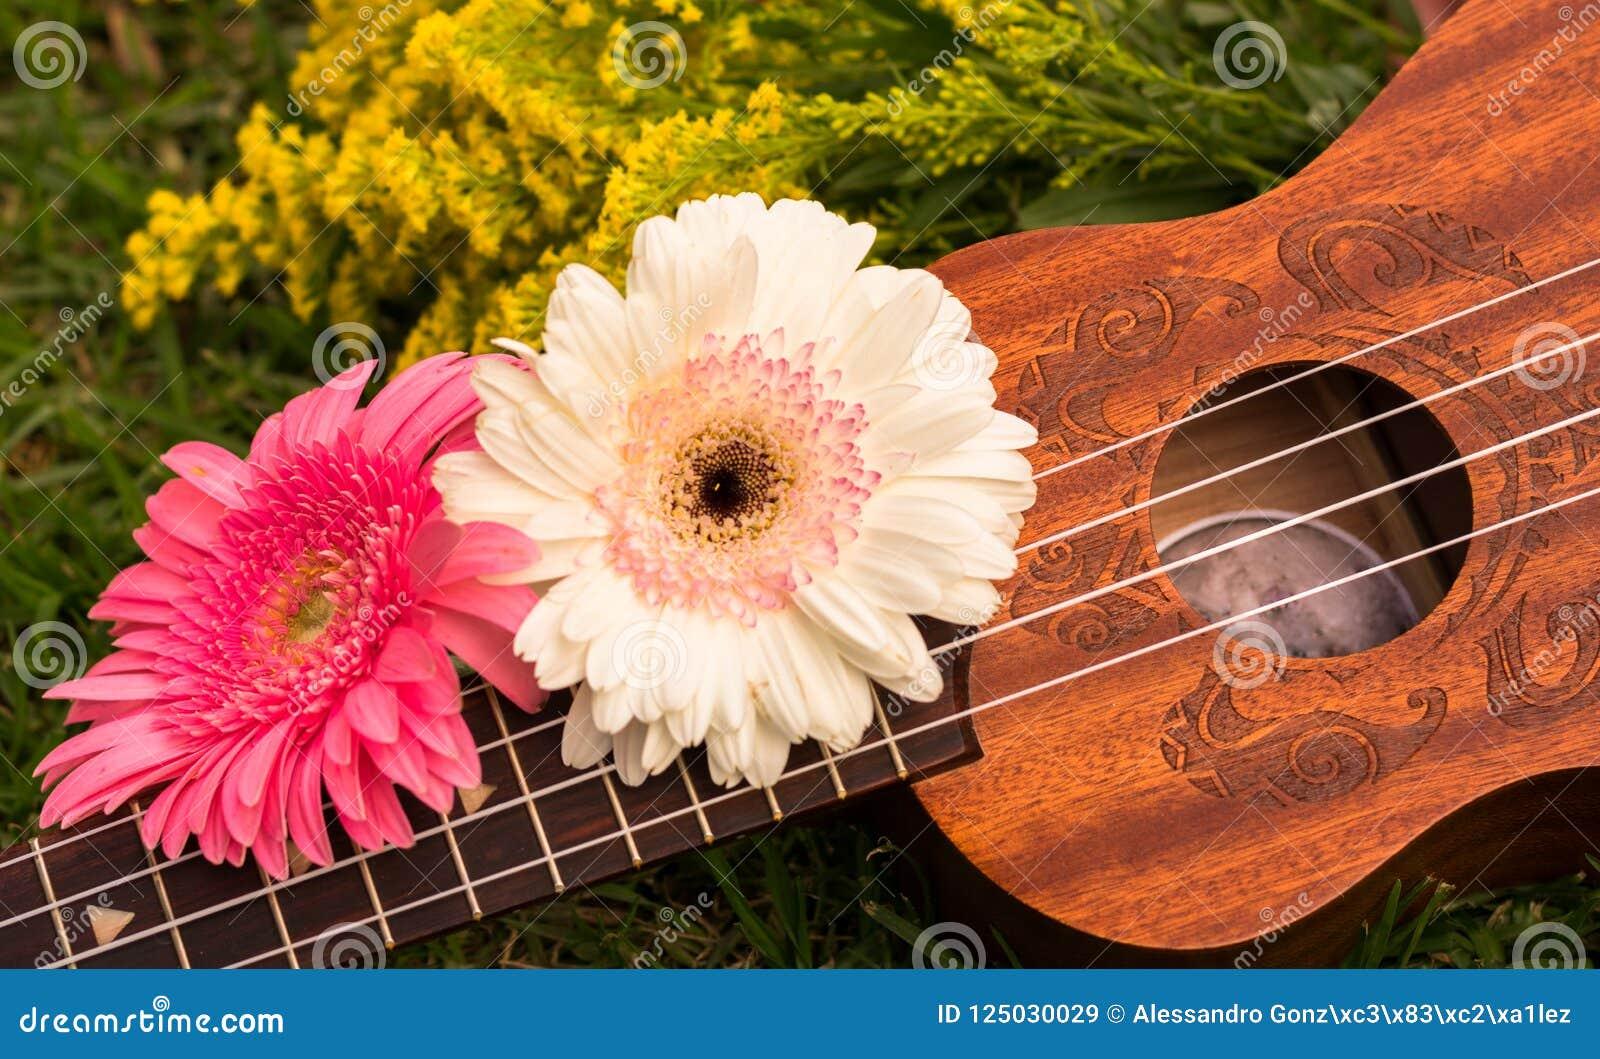 Soprano del ukelele adornado con las flores del gerbera